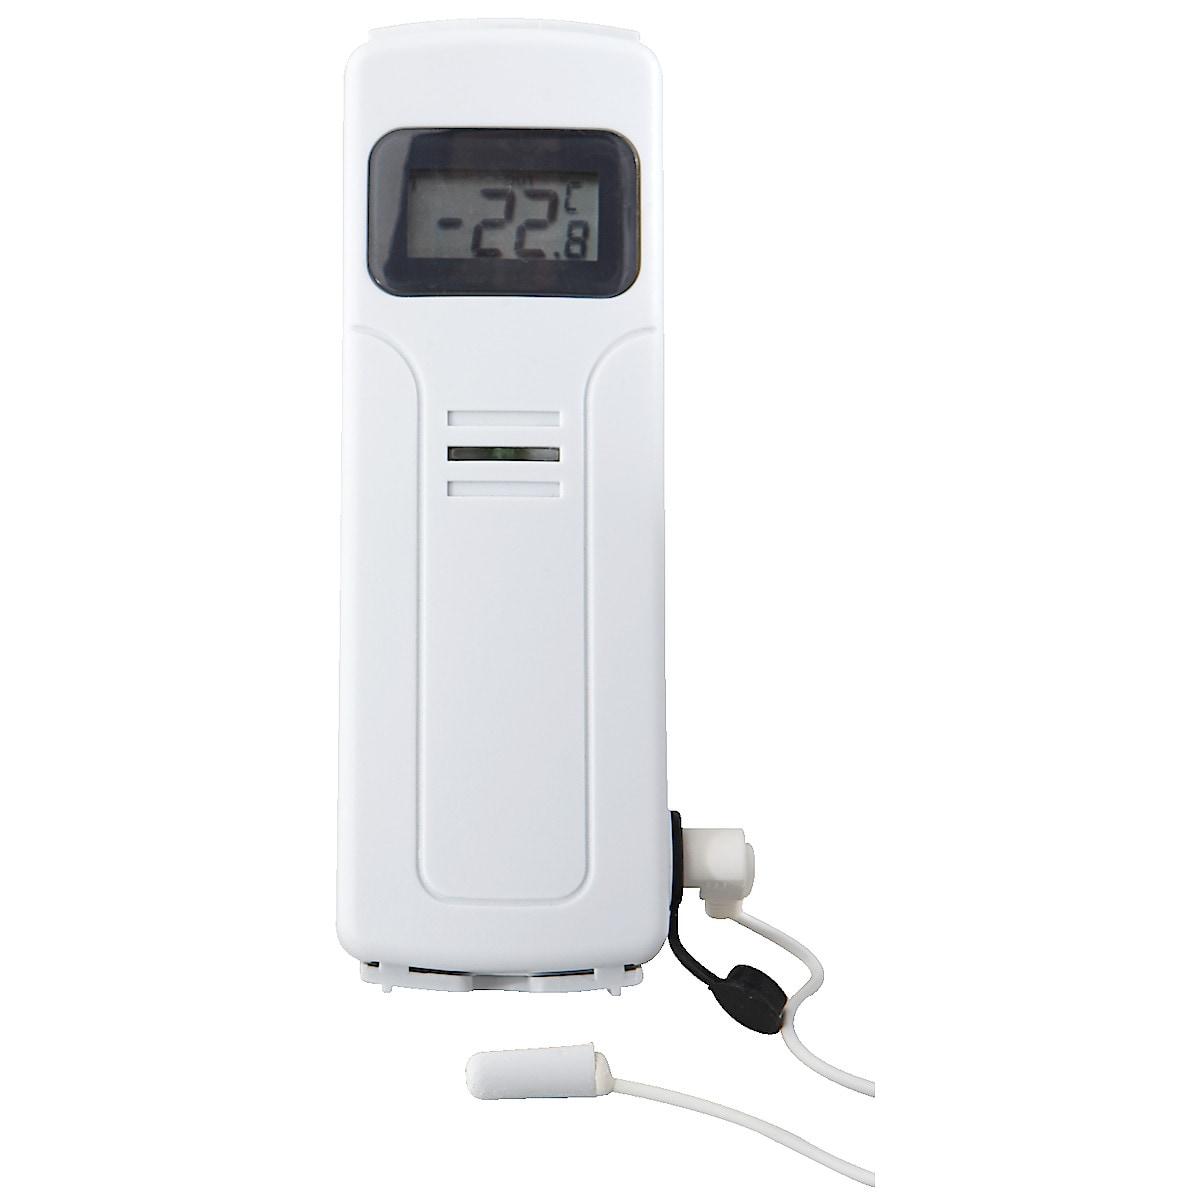 Temperaturgivare/hygrometer